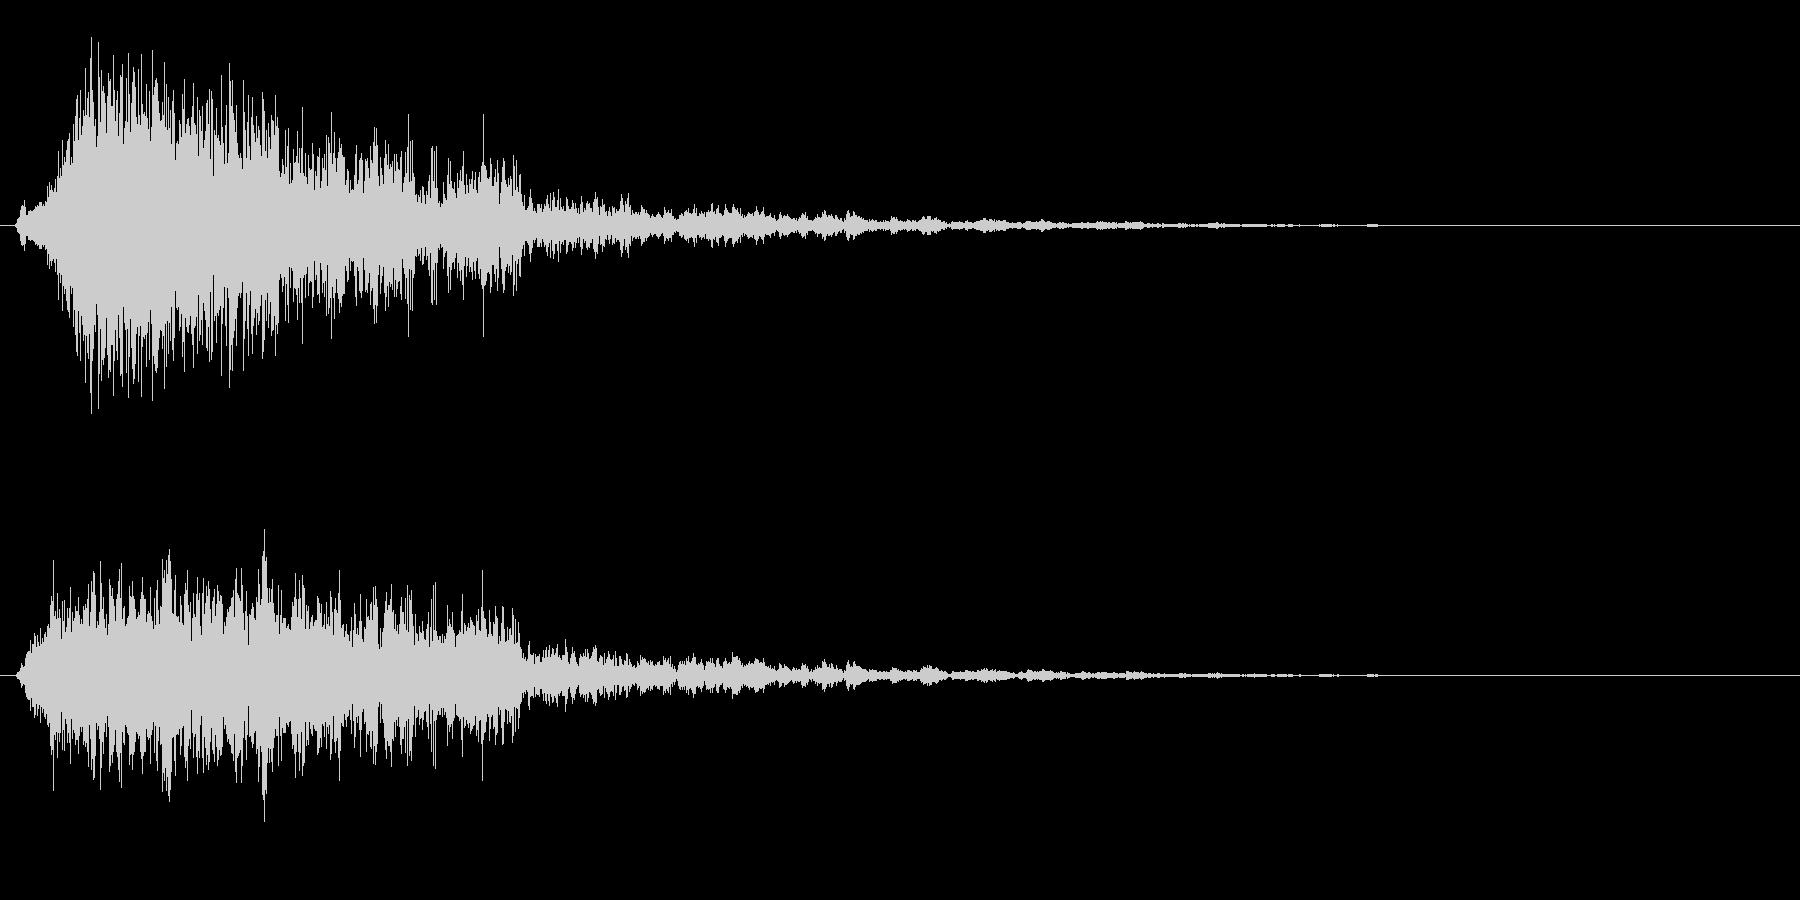 ピシューン、ビーム発射音や破裂音の未再生の波形